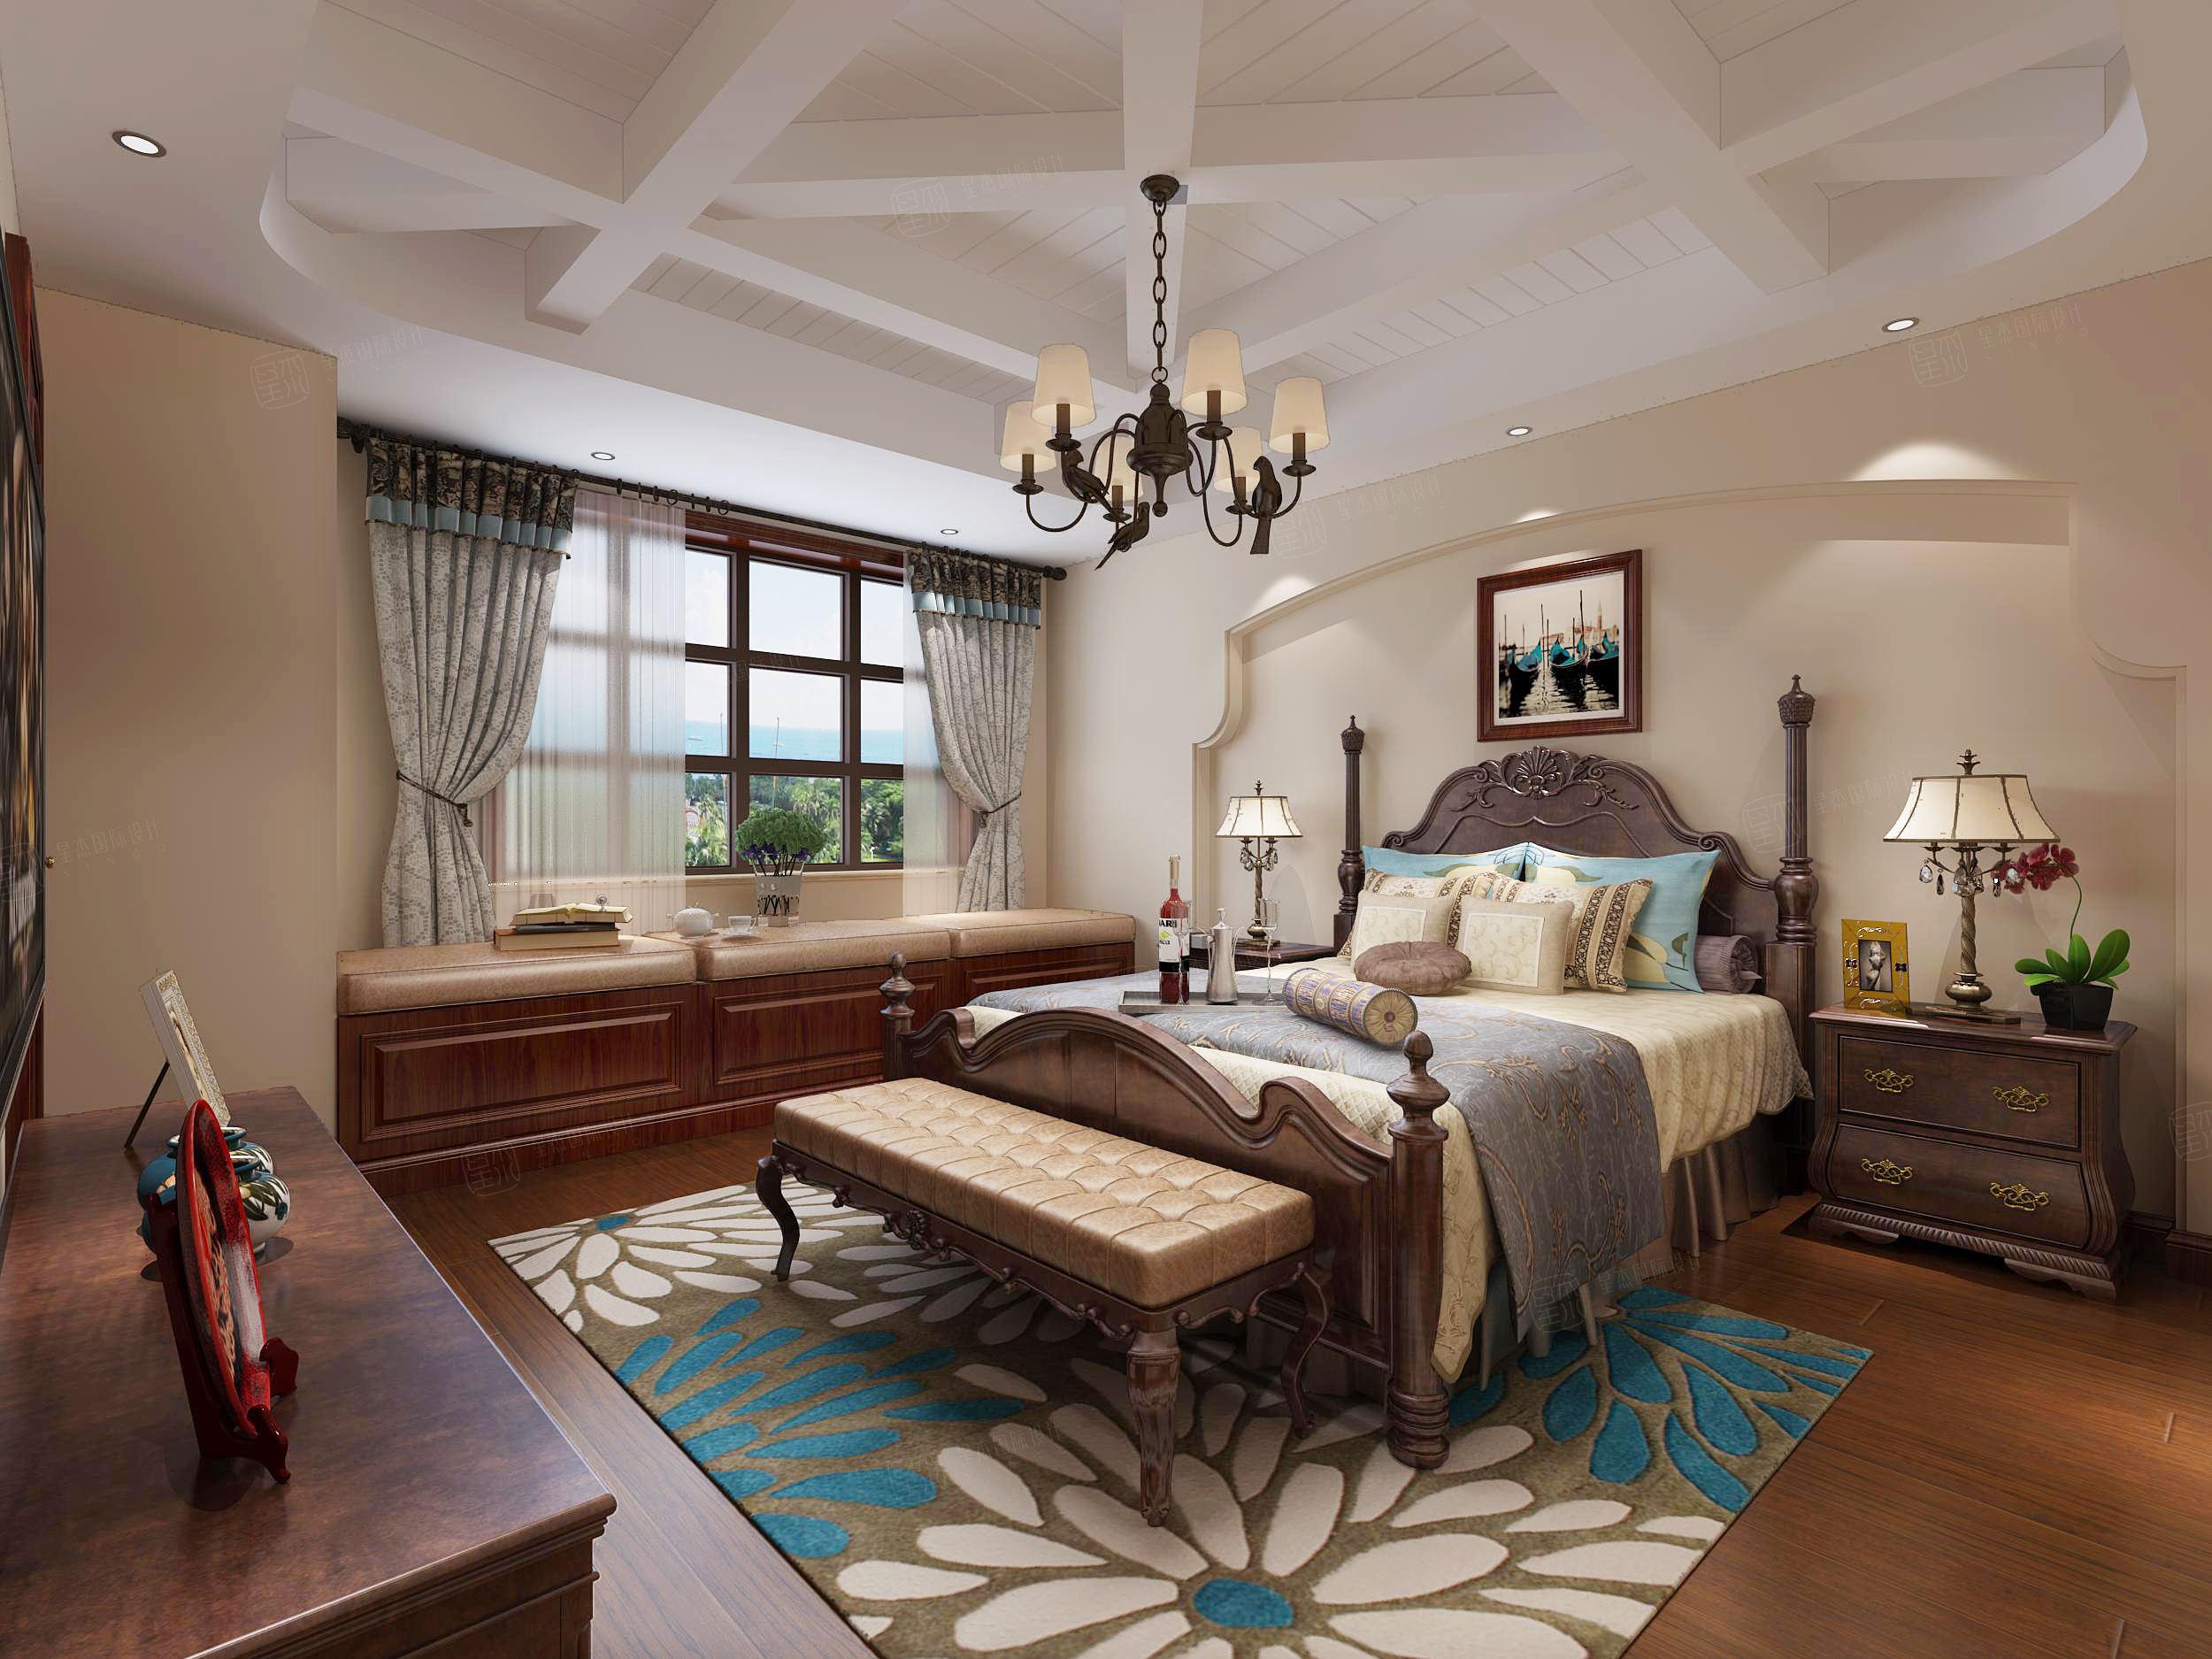 达安圣巴巴 地中海装修卧室效果图